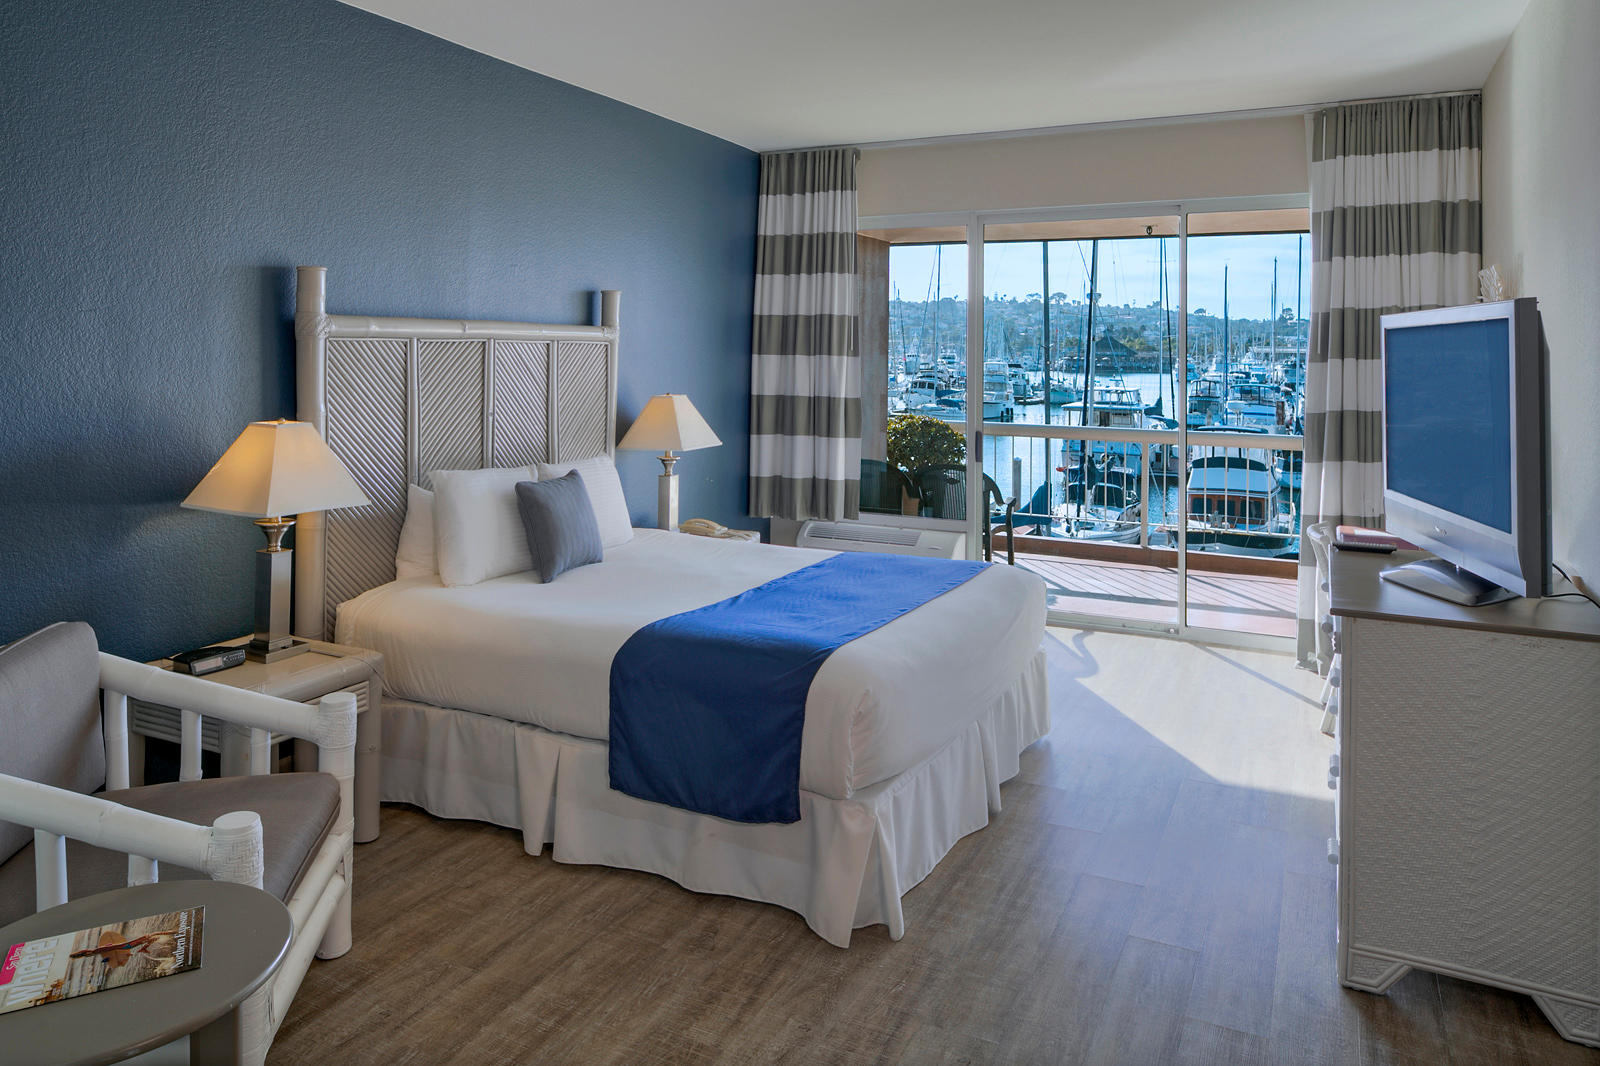 The Bay Club Hotel & Marina image 3